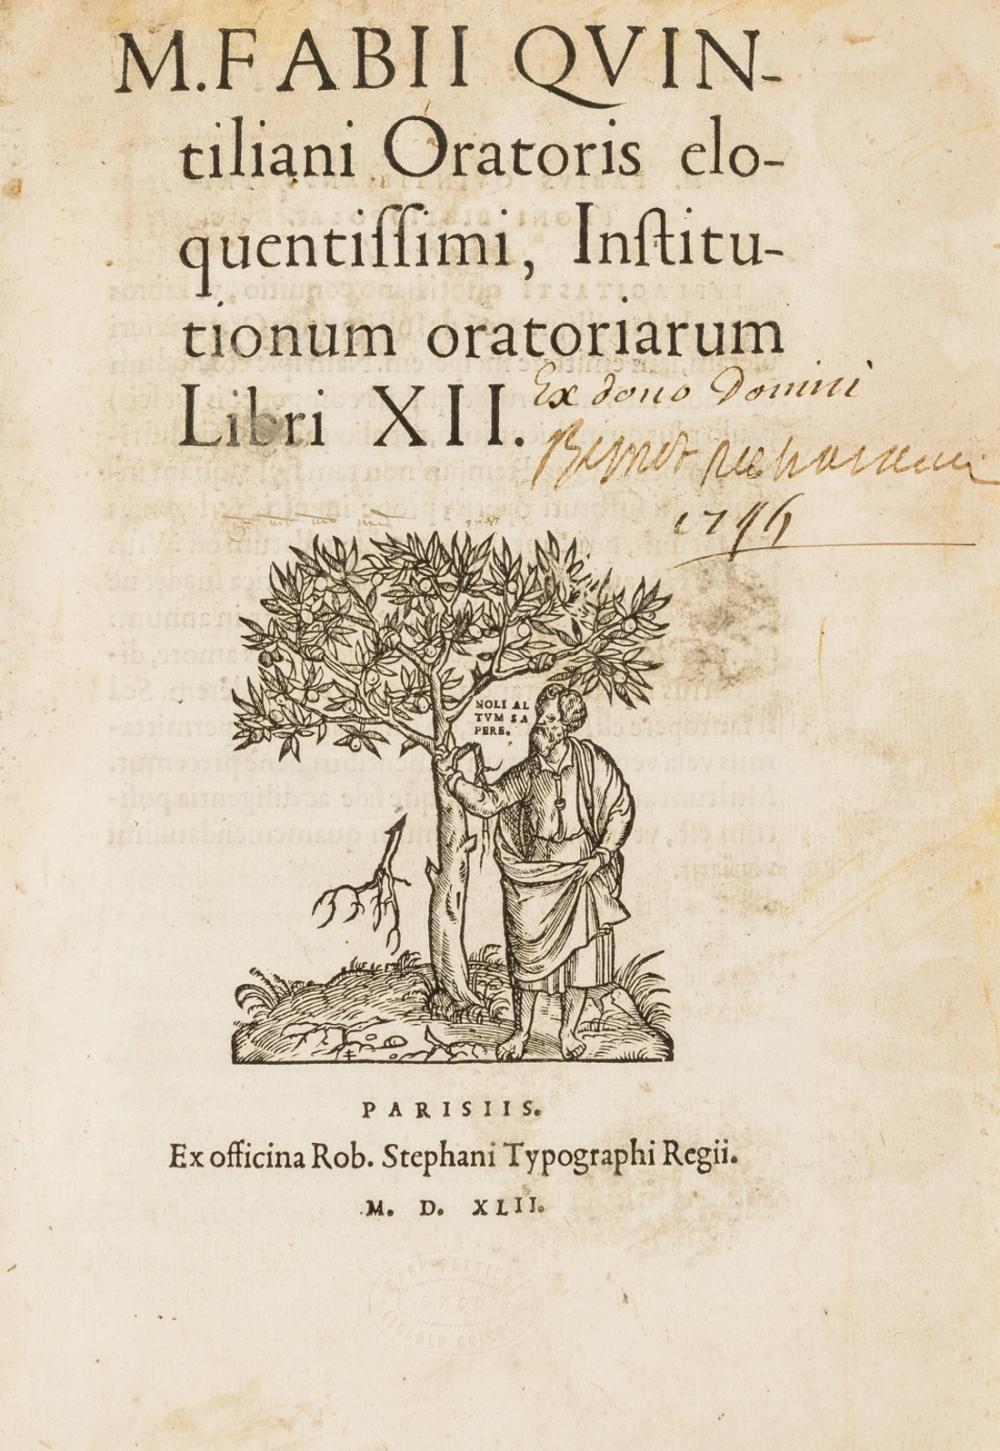 Estienne.- Quintilianus (Marcus Fabius) Institutionum Oratoriarum Libri XII., Paris, Robert Estienne, 1542.